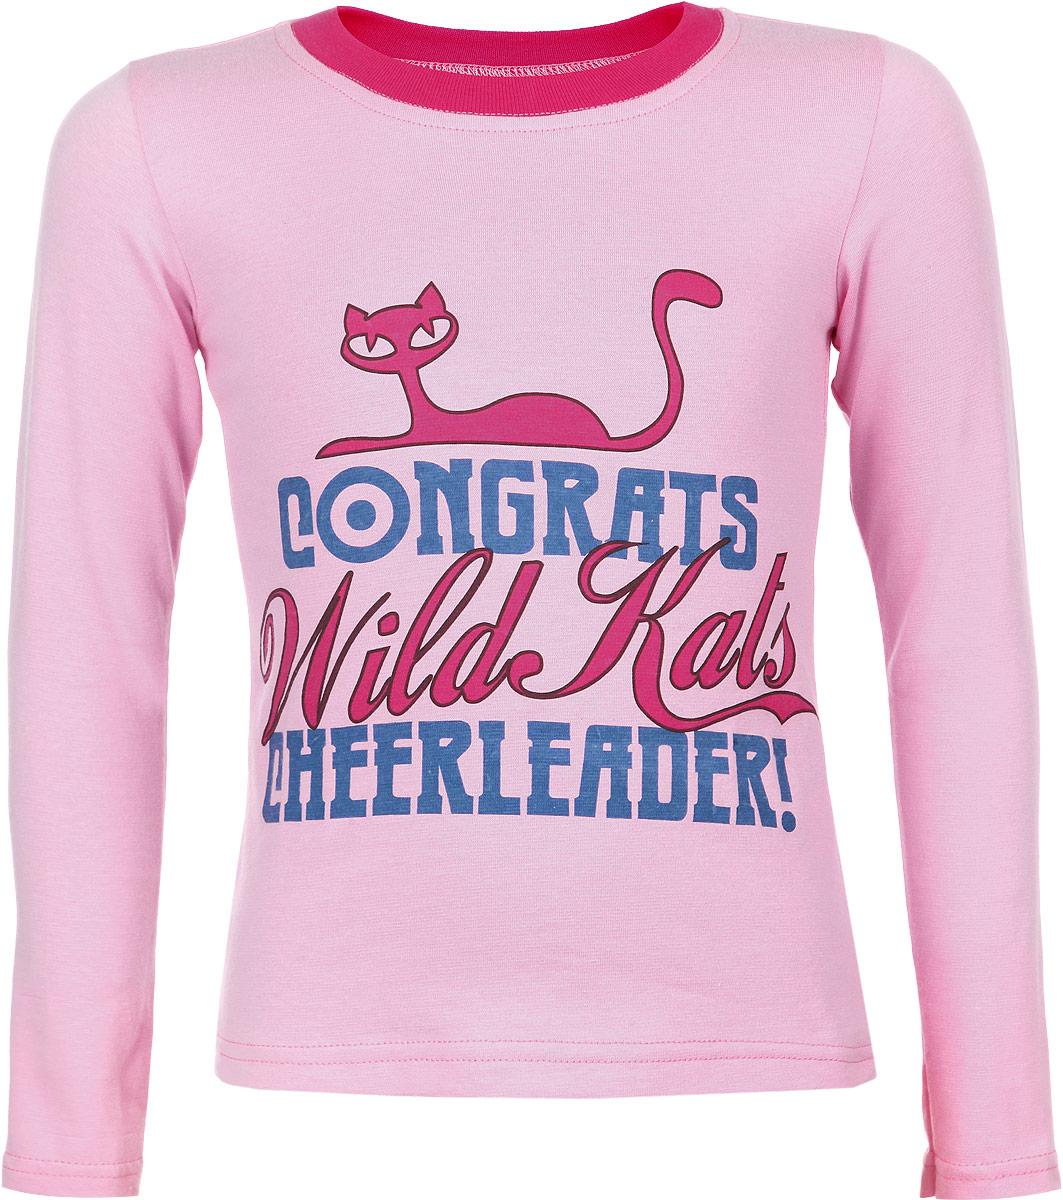 Футболка с длинным рукавом для девочки КотМарКот Wild Kats, цвет: розовый. 15709. Размер 98, 3 года15709Стильная футболка с длинным рукавом для девочки КотМарКот Wild Kats идеально подойдет вашему ребенку. Изготовленная из натурального хлопка, она необычайно мягкая и приятная на ощупь, не сковывает движения и позволяет коже дышать, не раздражает даже самую нежную и чувствительную кожу ребенка, обеспечивая ему наибольший комфорт. Футболка с длинными рукавами и круглым вырезом горловины спереди оформлена принтом в виде надписей на английском языке, а также изображением кошки. Вырез горловины дополнен трикотажной резинкой. Современный дизайн и расцветка делают эту футболку модным, и стильным предметом детского гардероба. В ней ваша маленькая принцесса всегда будет в центре внимания!